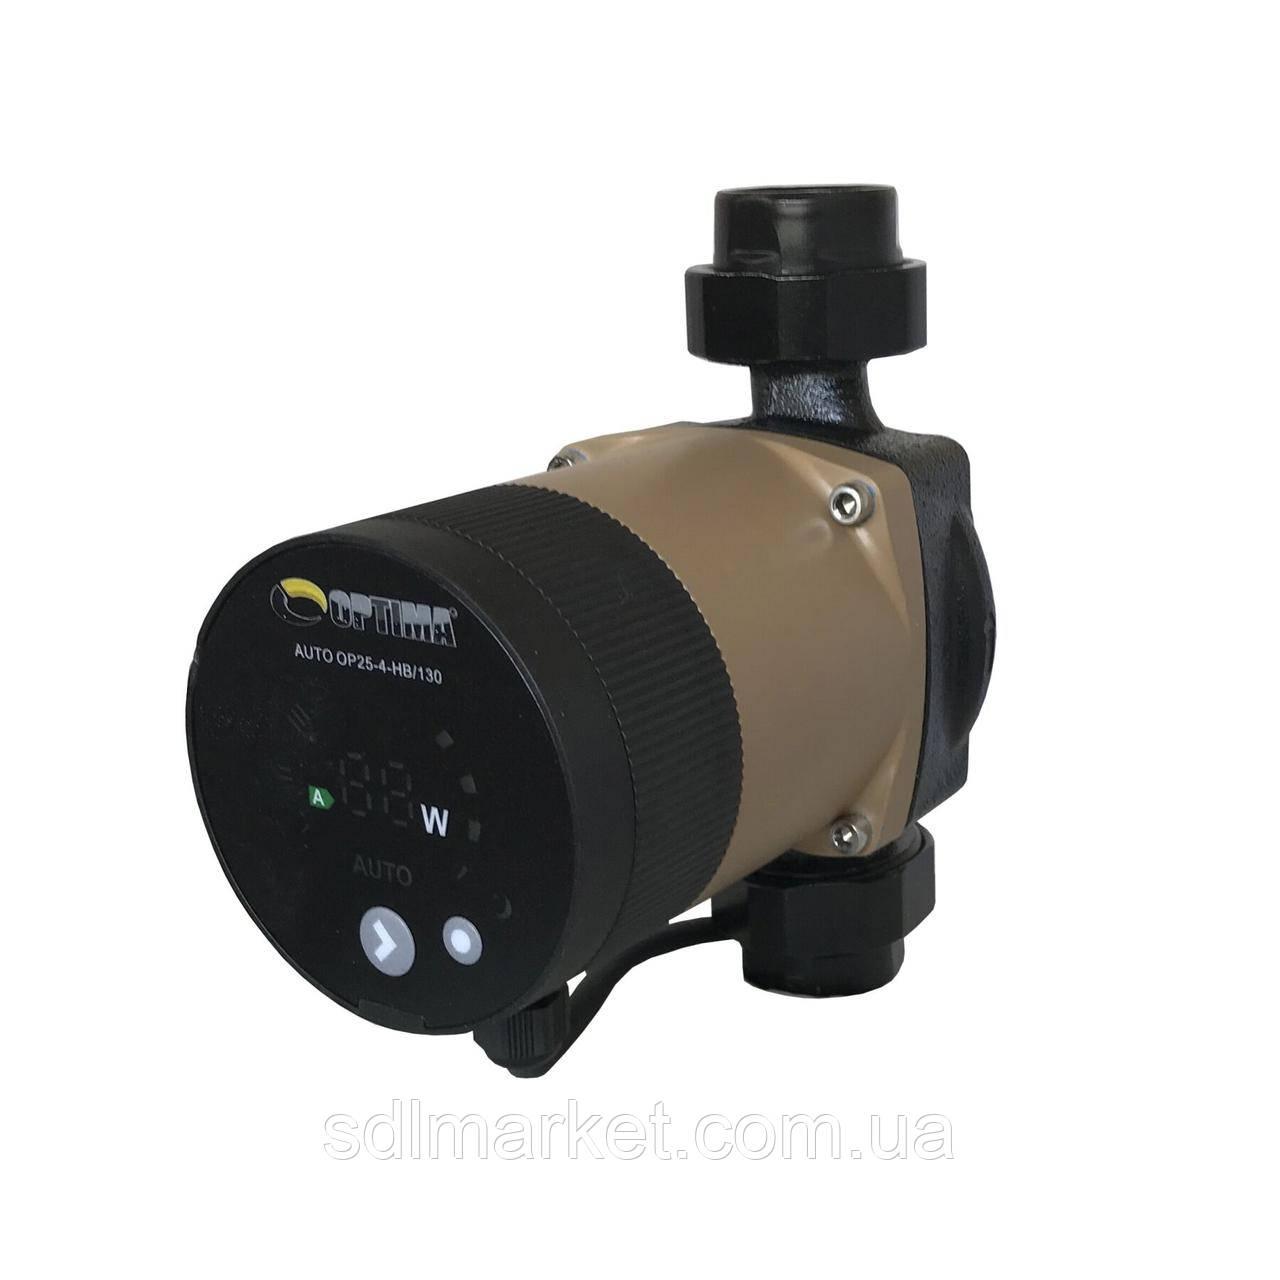 Насос циркуляційний енергозберігаючий Optima OP25-40 AUTO 130 мм